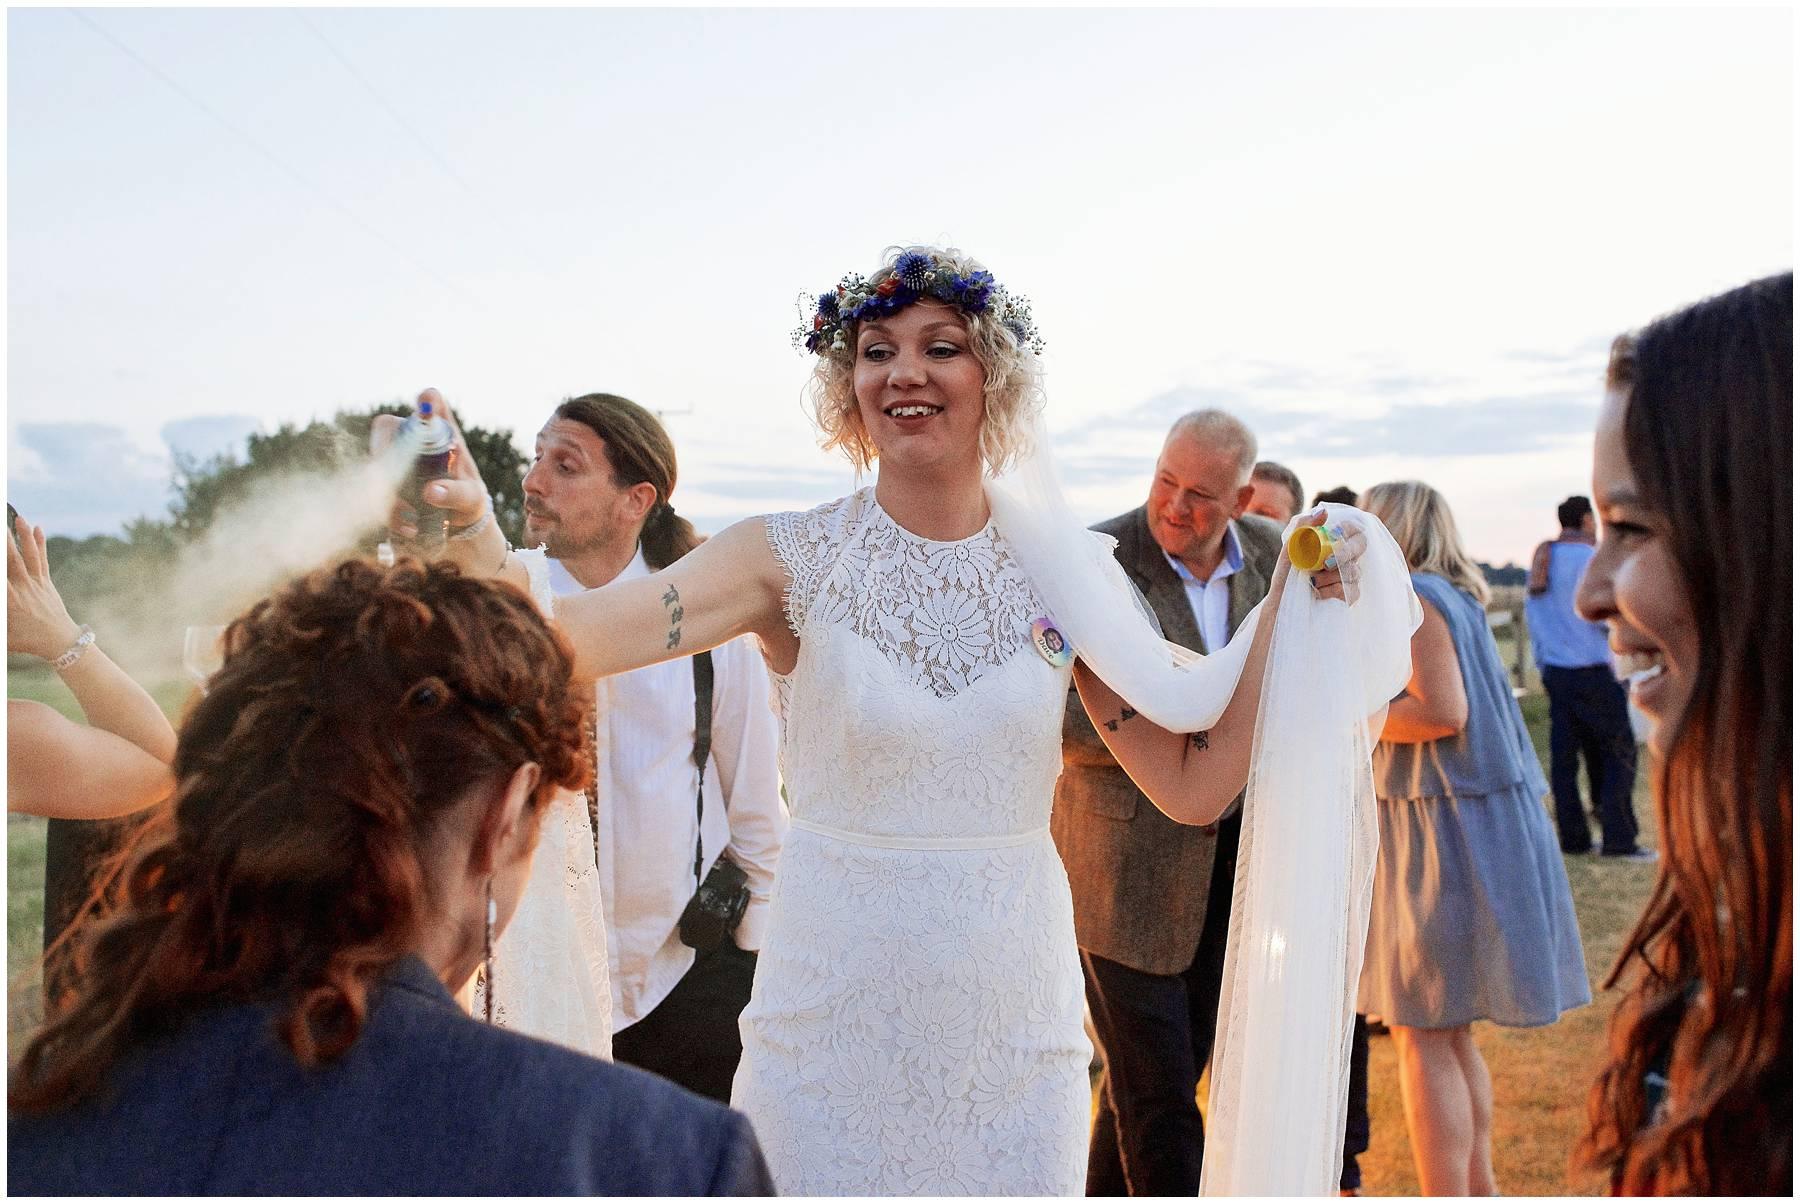 Essex festival bride